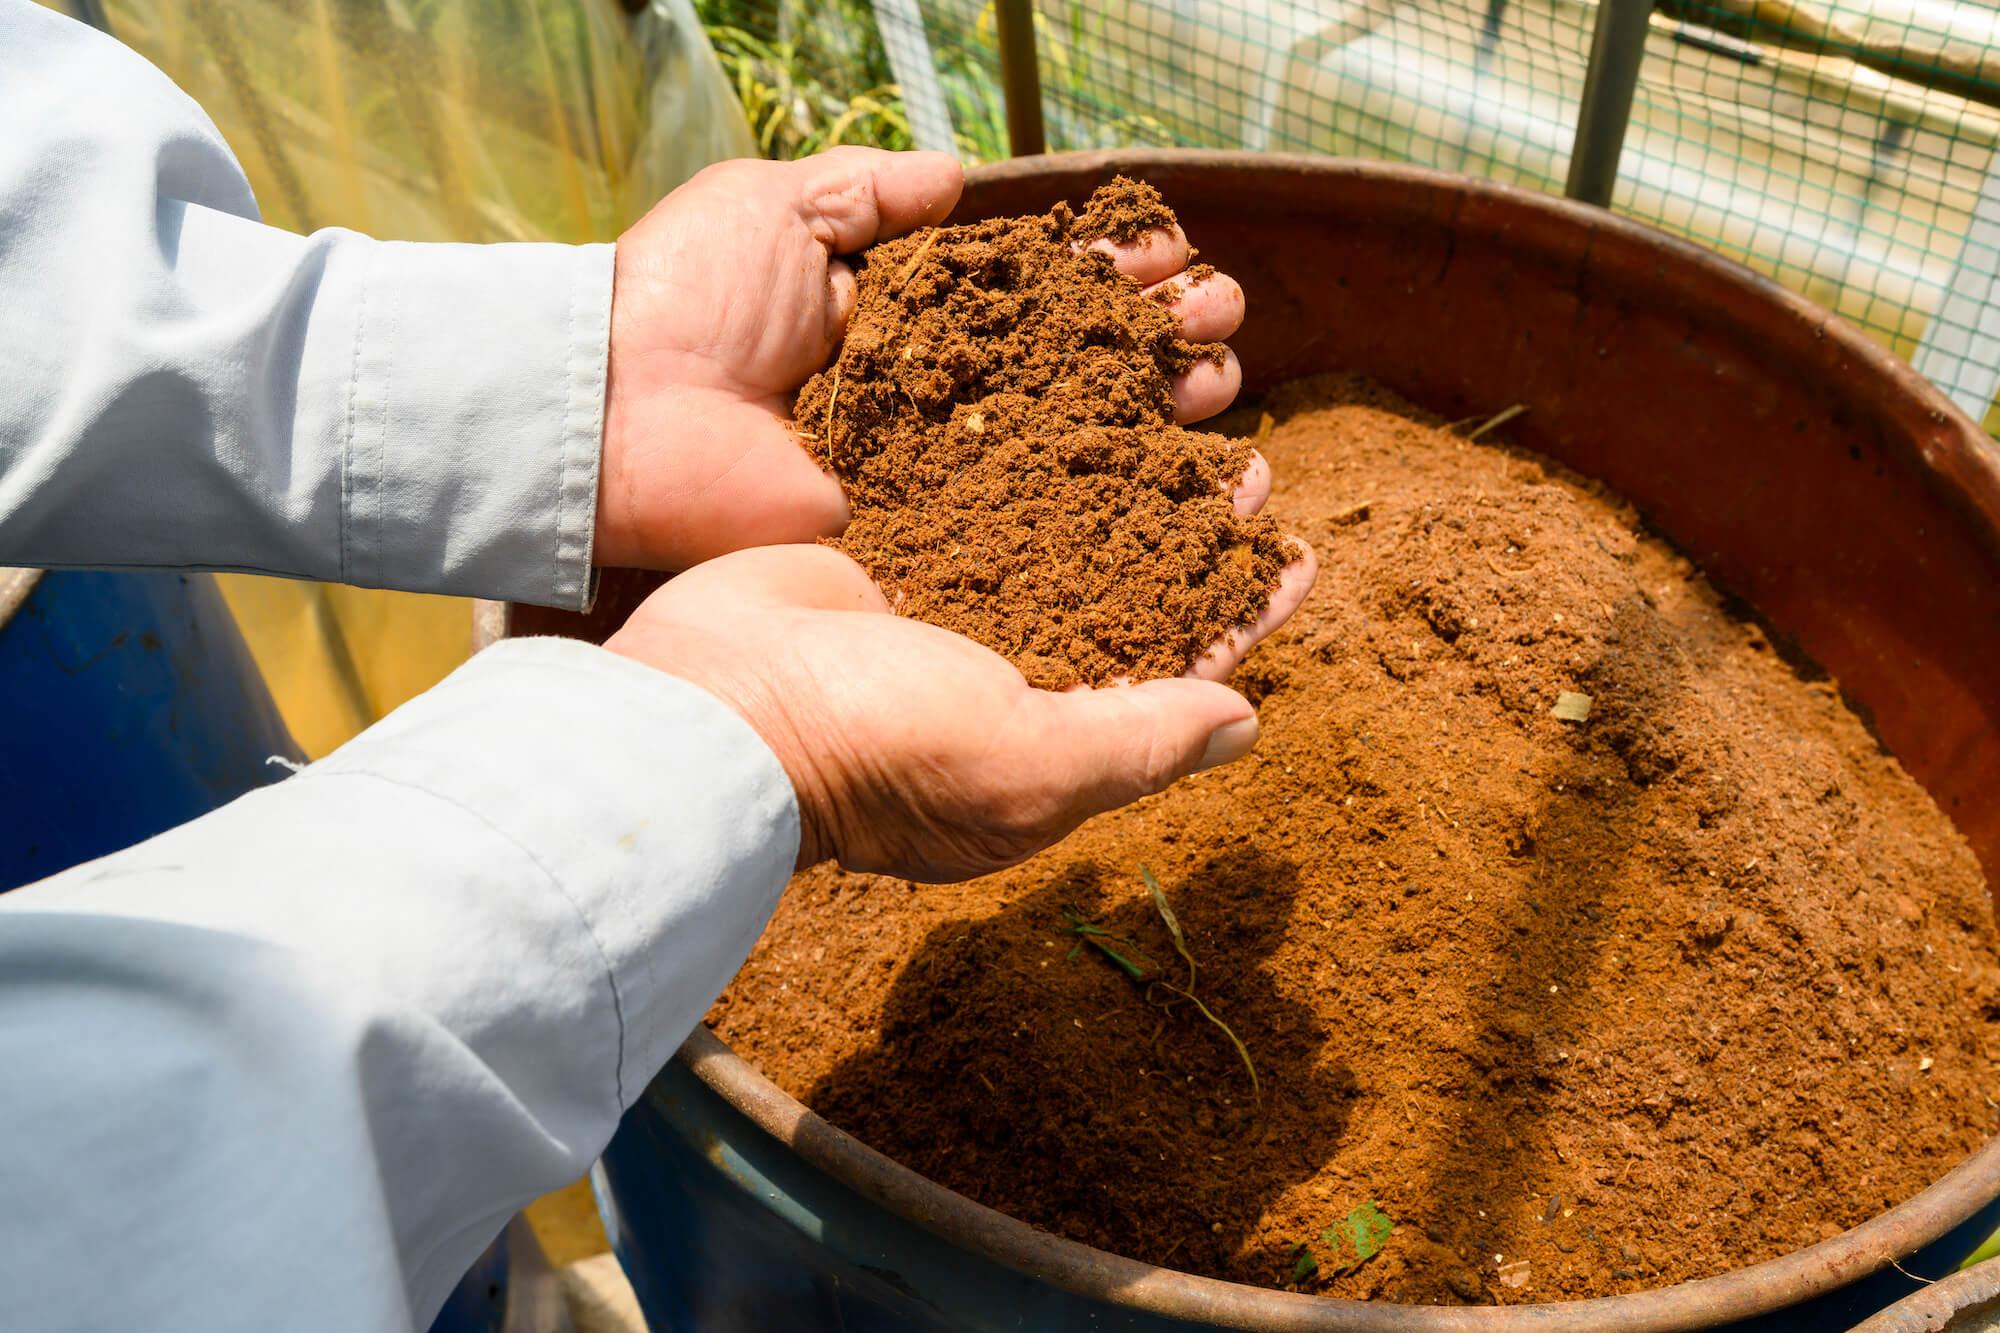 食品ロスを使った堆肥で、 安心・安全な農業と循環型社会の実現を目指す